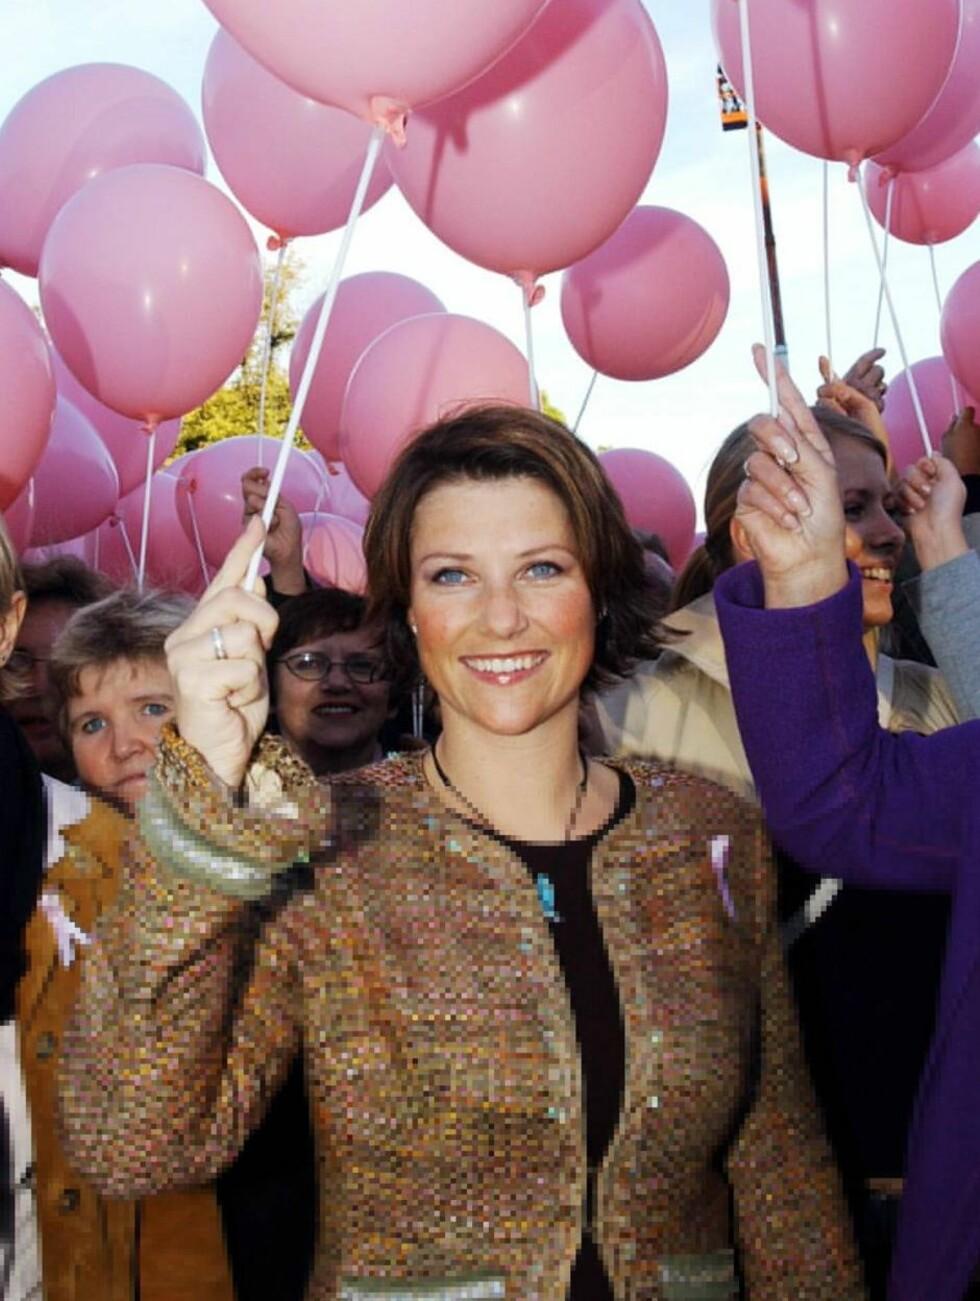 TAR ANSVAR: Også vår egen prinsesse Märtha har engasjert seg i kampen mot brystkreft. Her er hun under Rosa Sløyfe-aksjonen i 2003. Foto: Espen Solli, Se og Hør